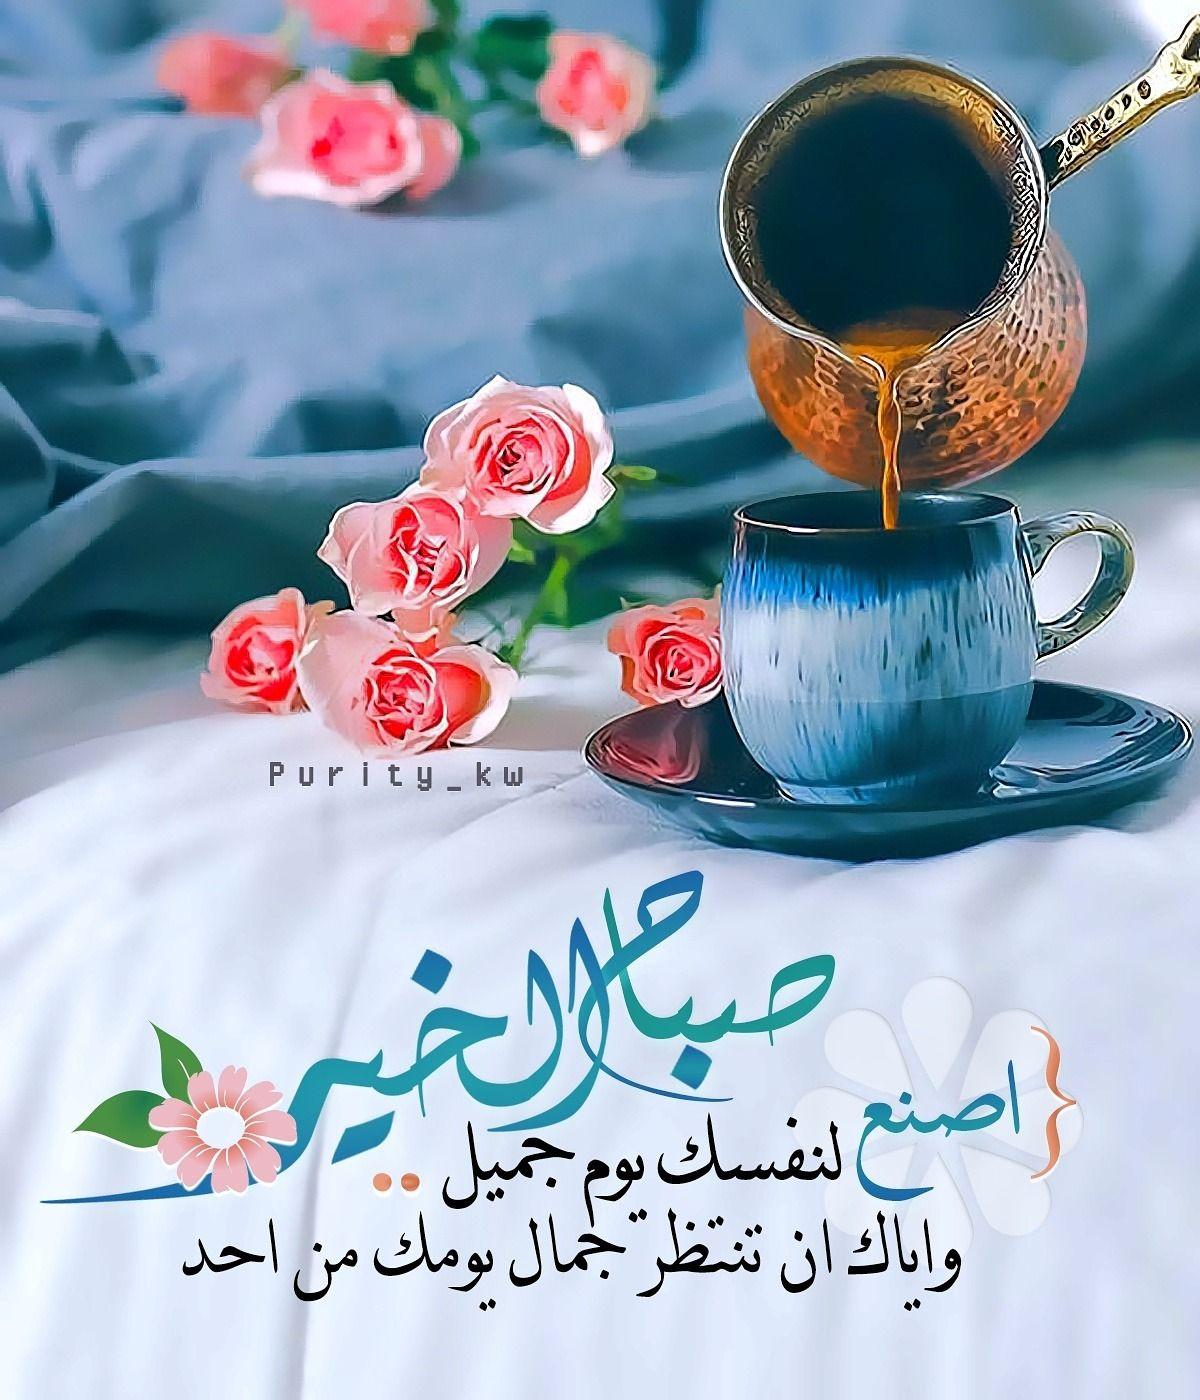 صباح الخير اصنع لنفسك يوم جميل وإياك ان تنتظر جمال يومك من احد Good Morning Greetings Beautiful Morning Messages Good Morning Arabic